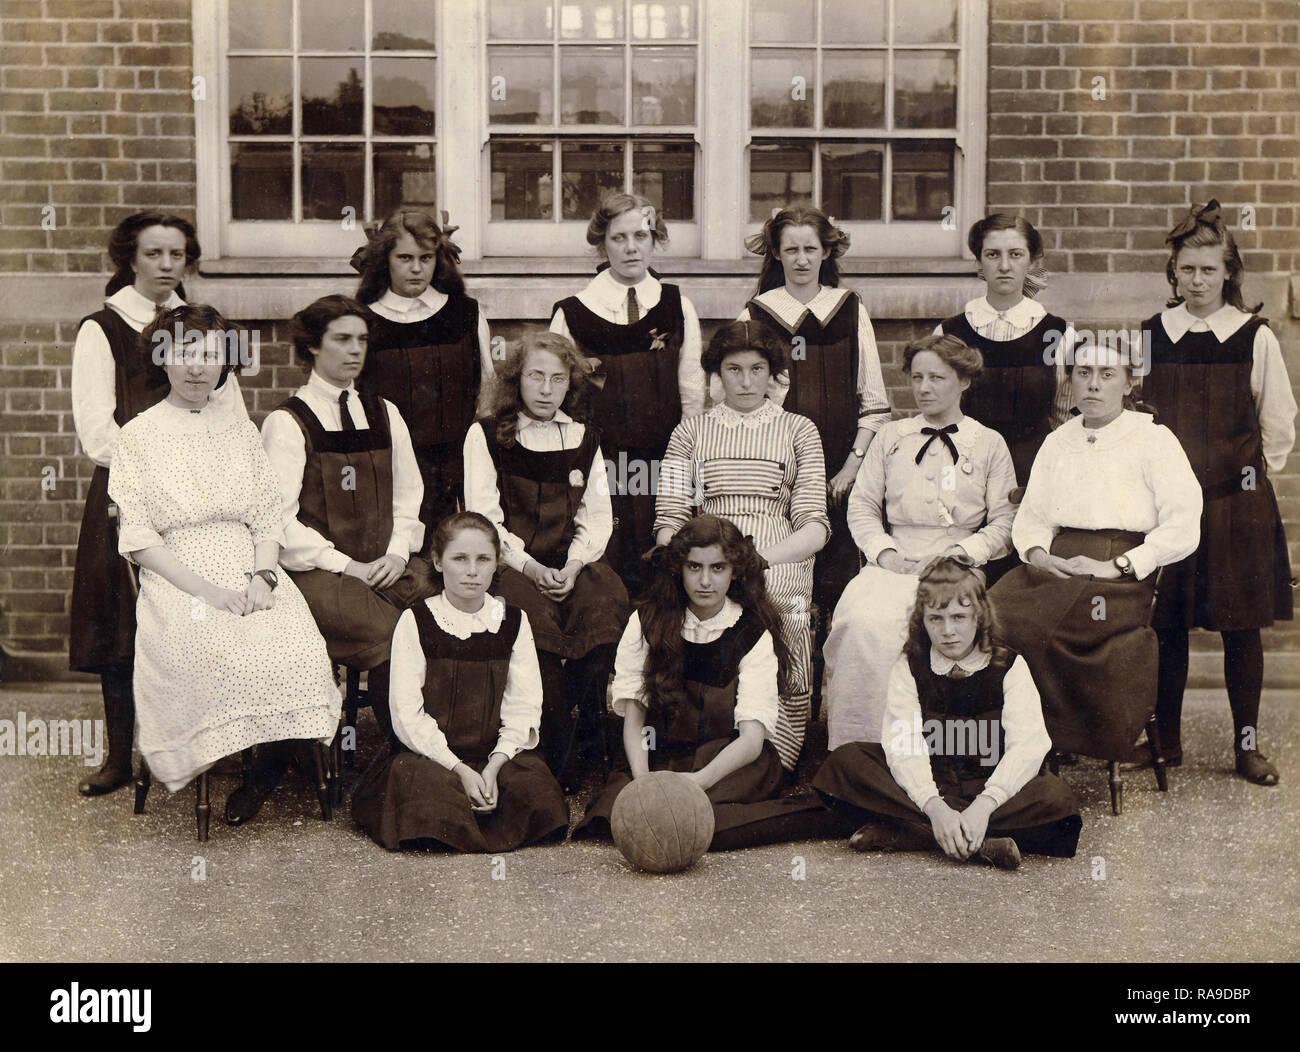 Archivio Storico di immagine della ragazza della scuola c1910s Immagini Stock